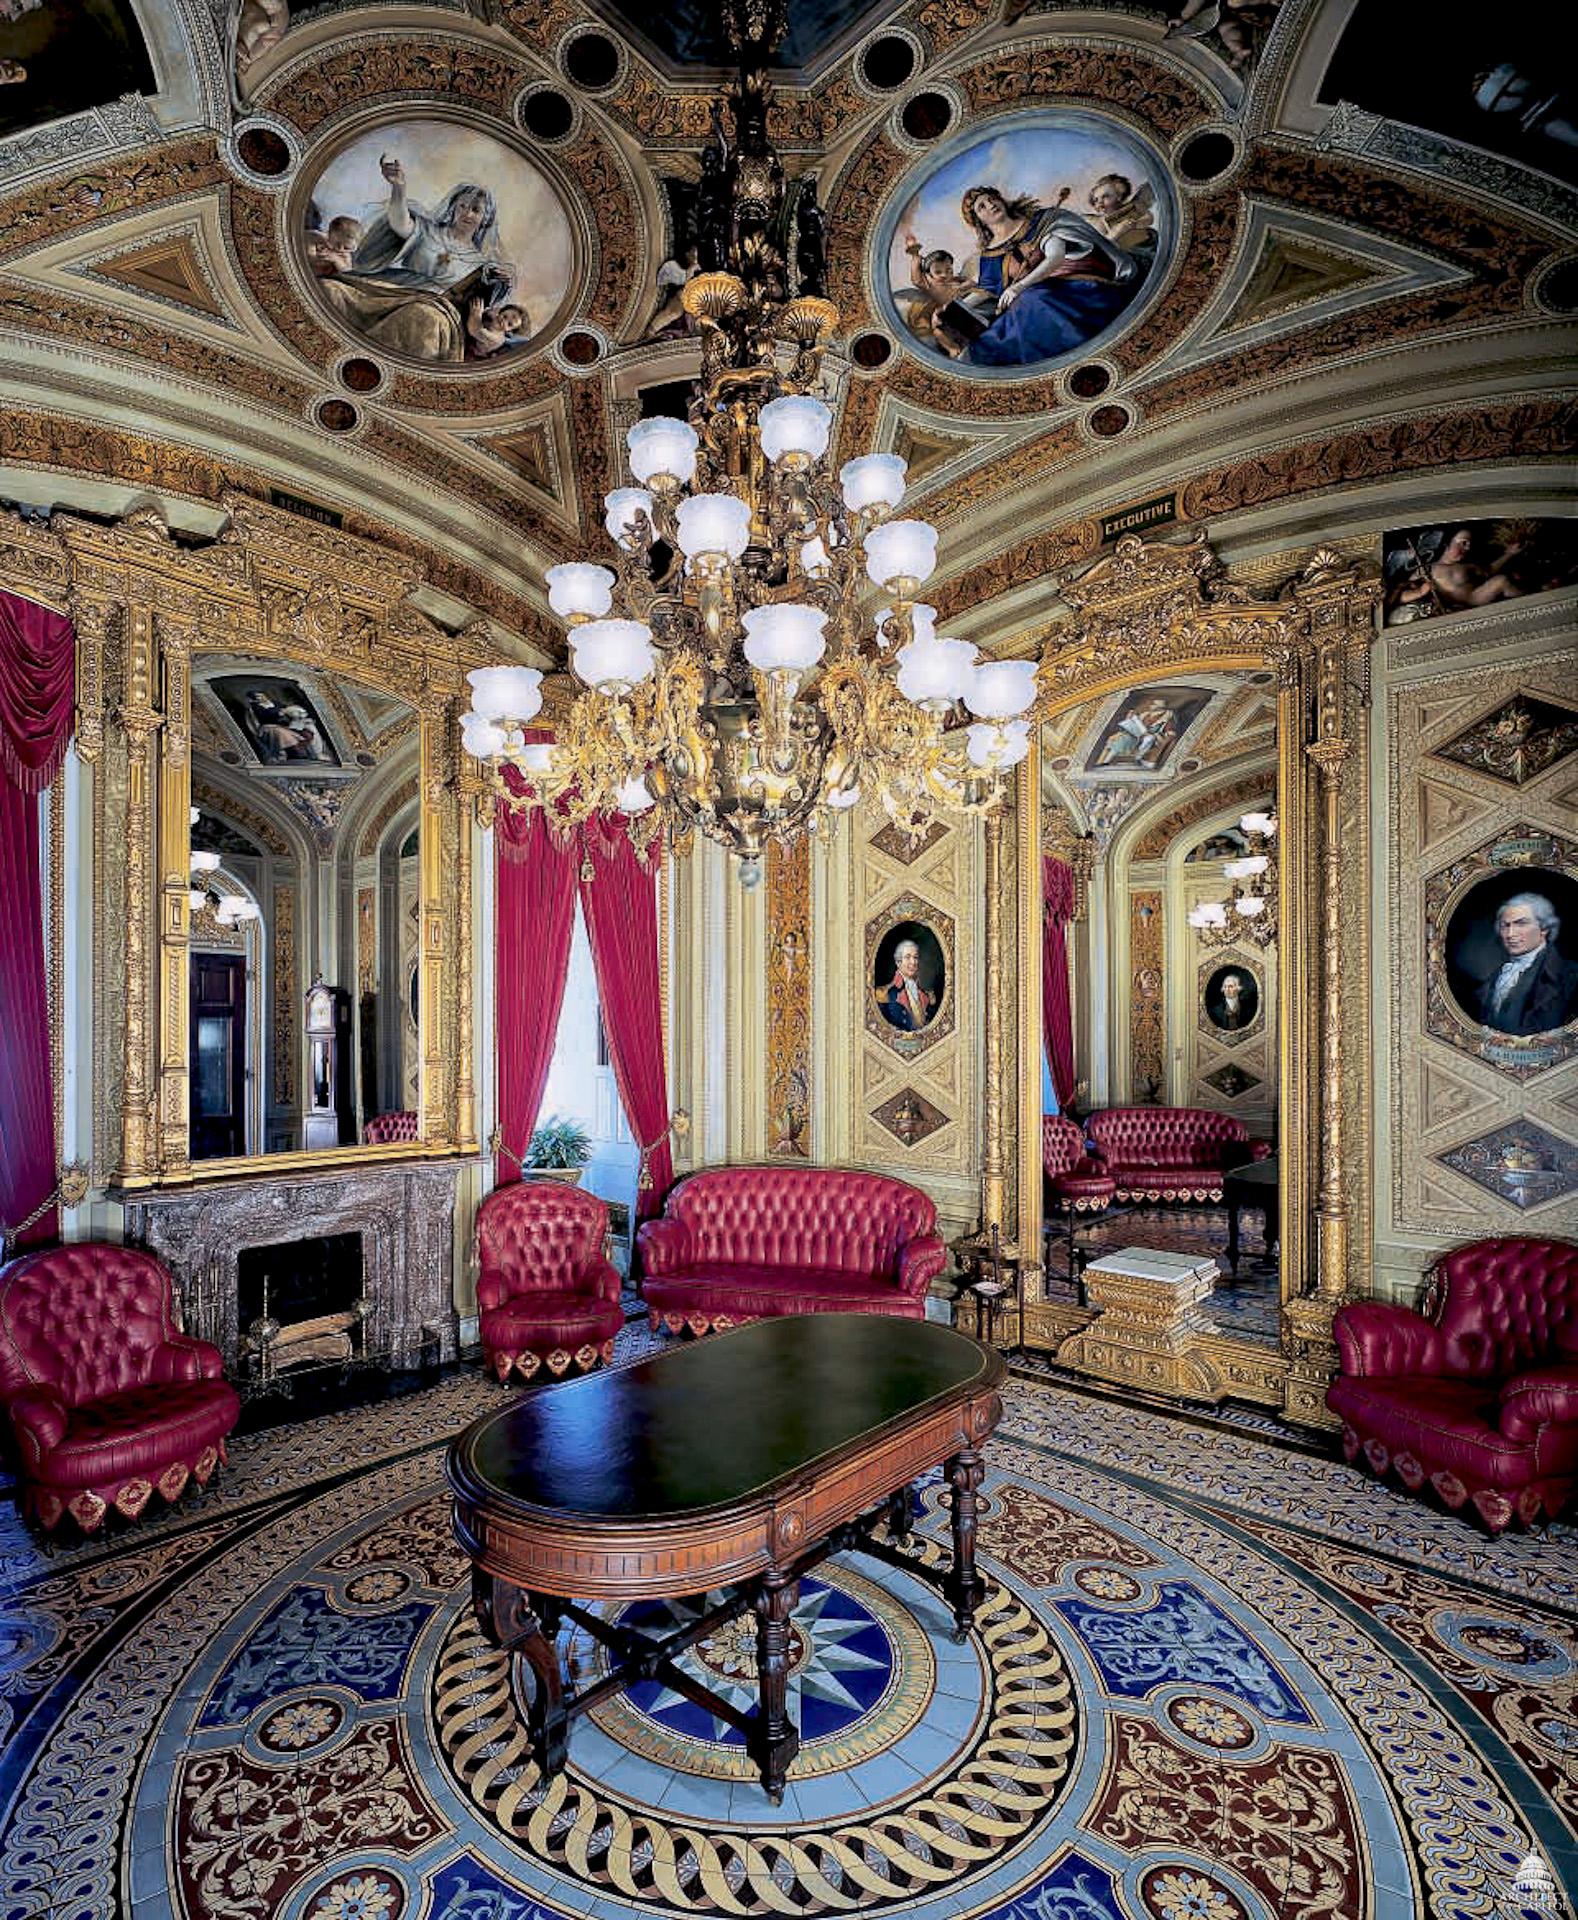 President S Room Chandelier